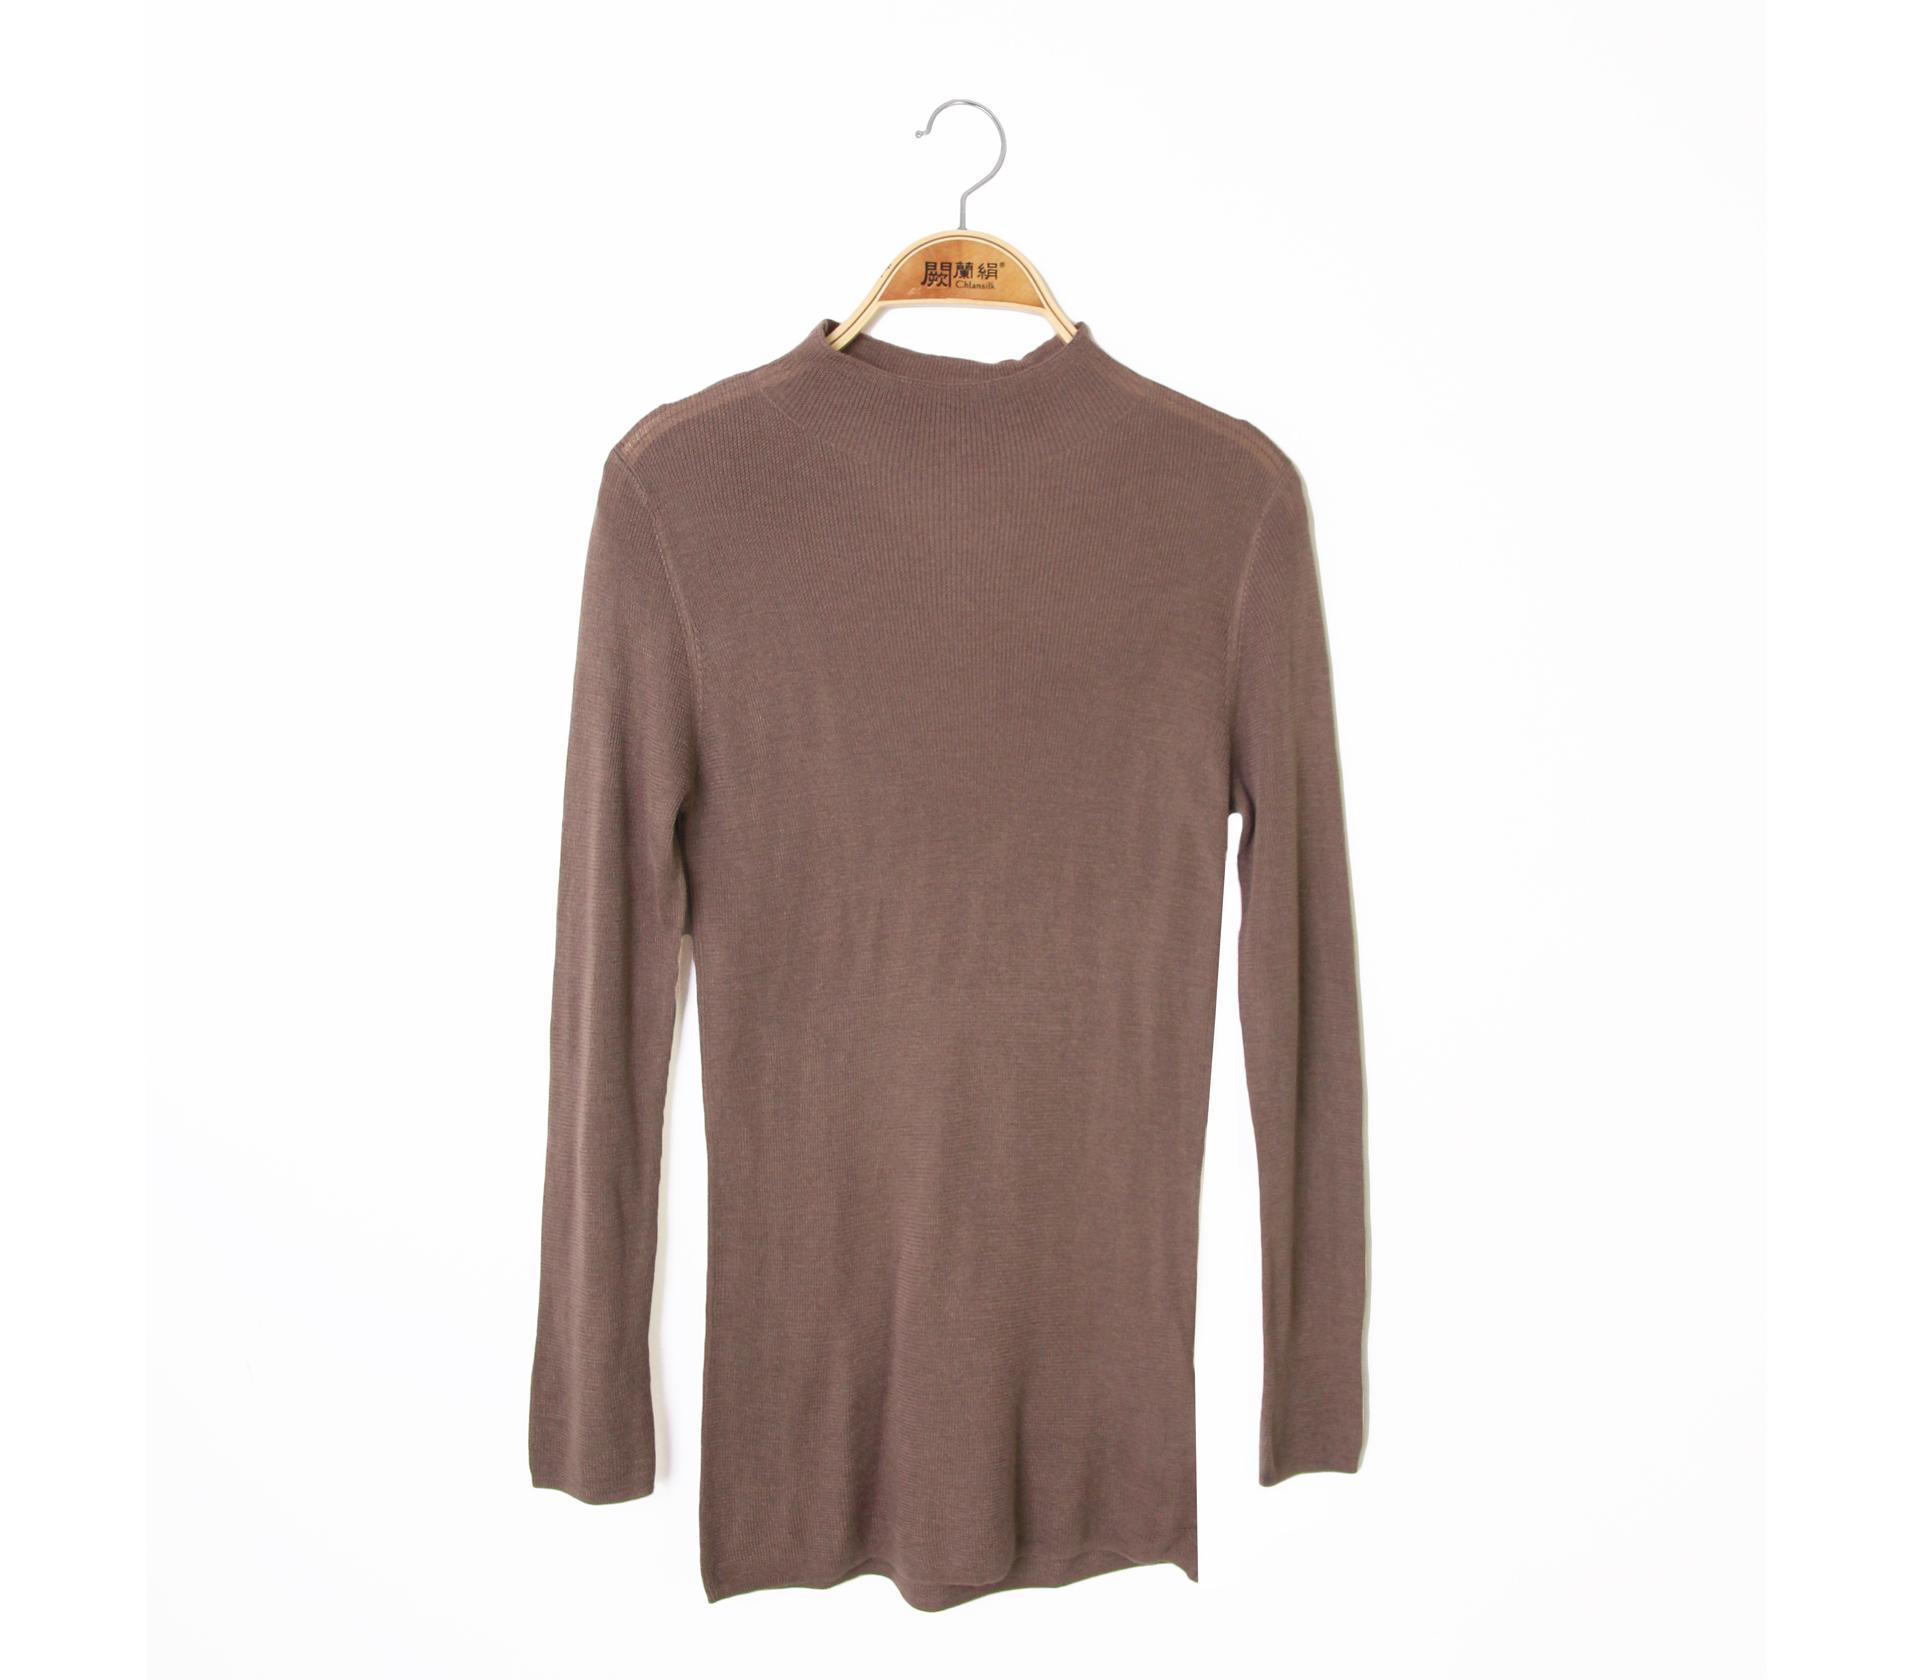 闕蘭絹修身百搭小高領蠶絲羊絨針織上衣 - 咖色 - 6626